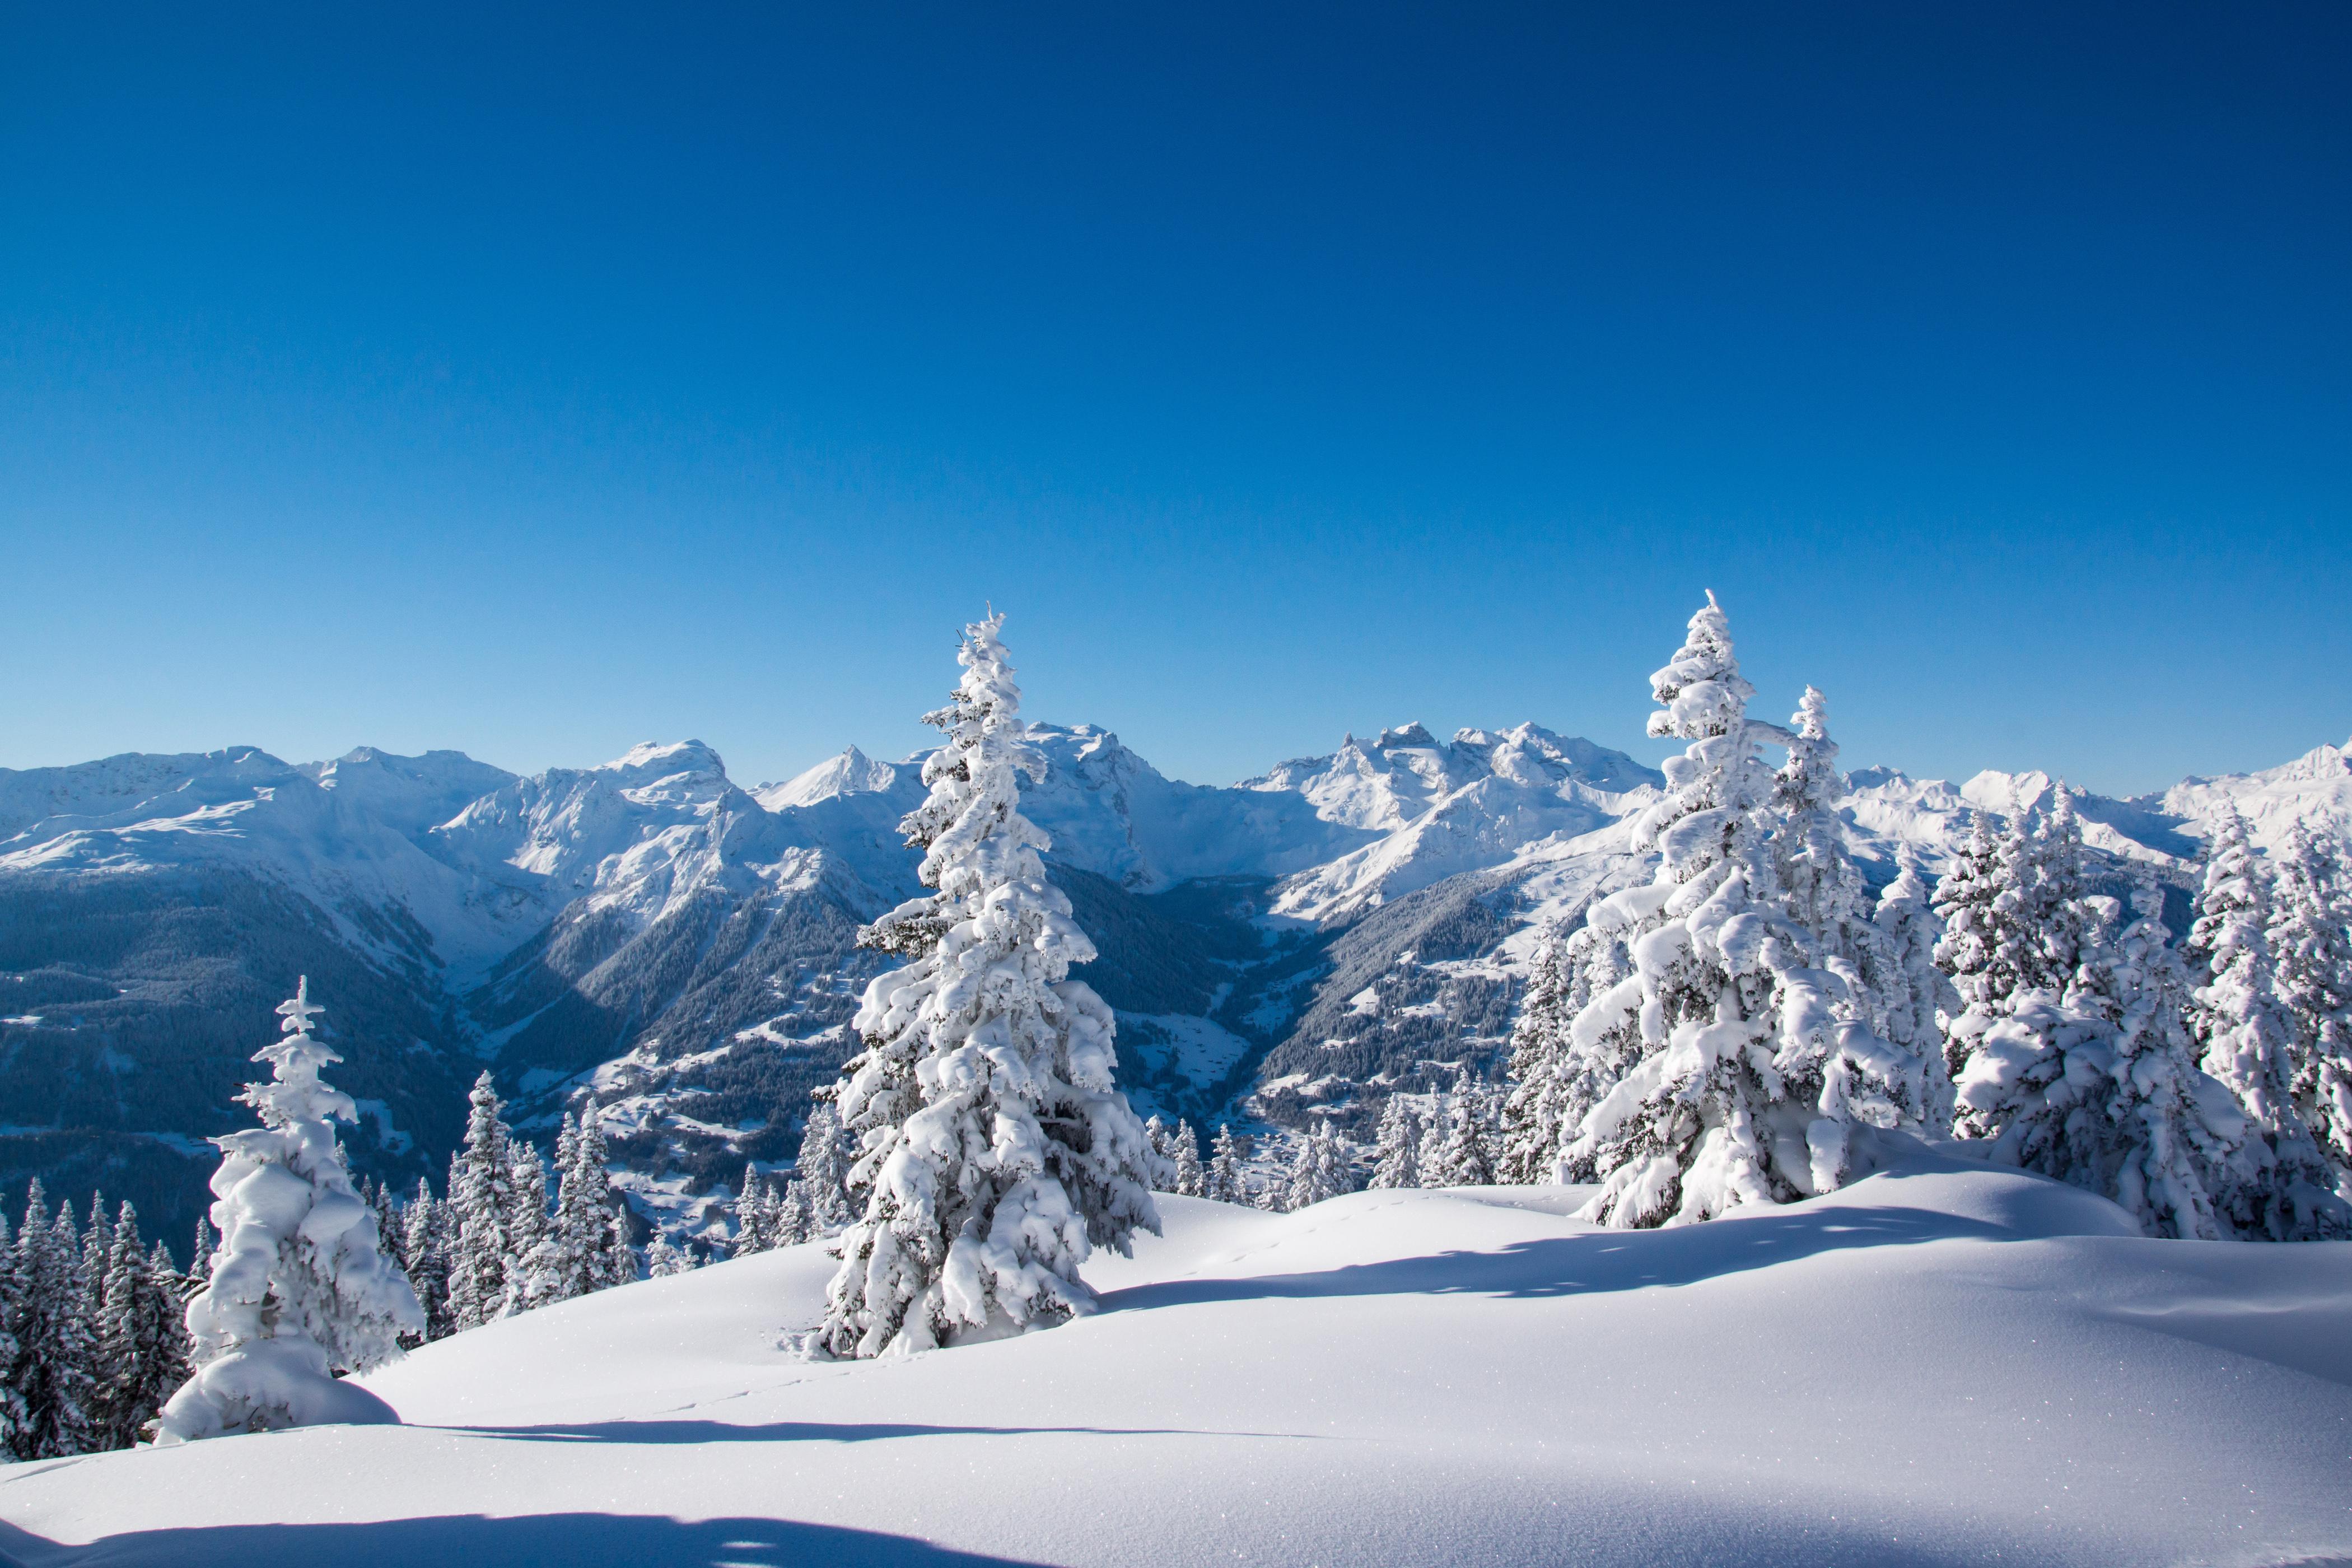 заснеженные деревья в горах  № 355814 бесплатно